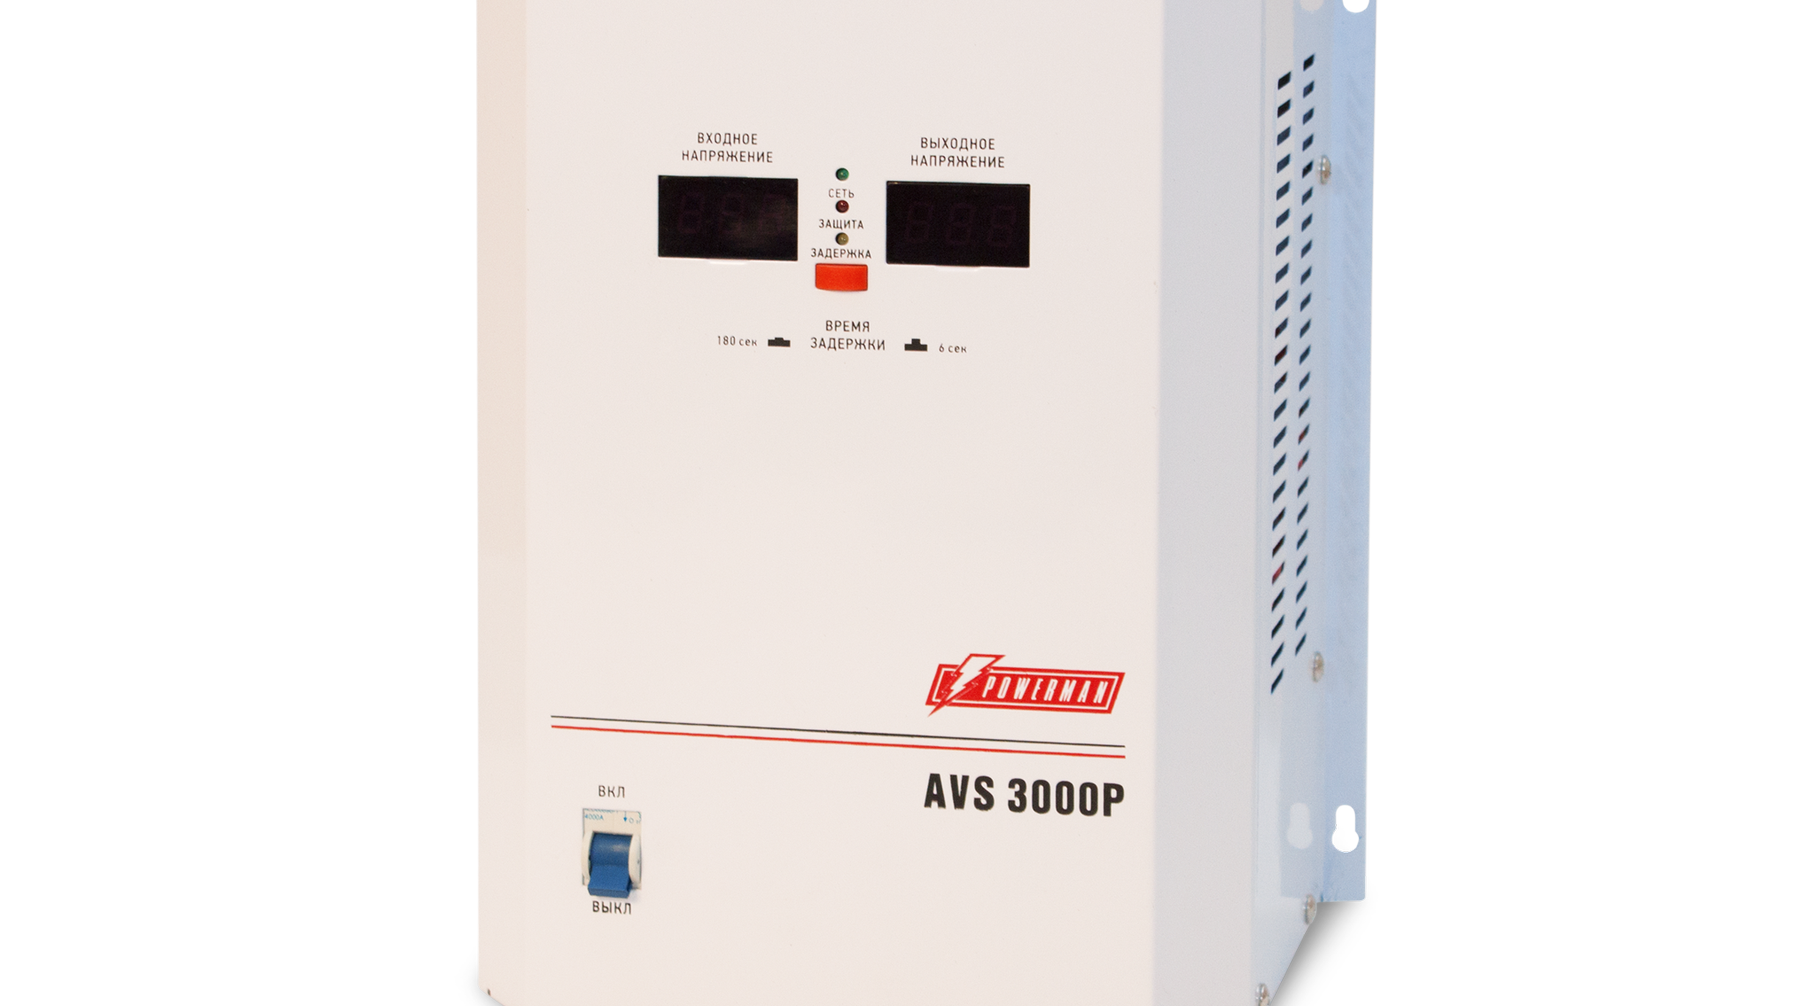 Powerman AVS 3000P